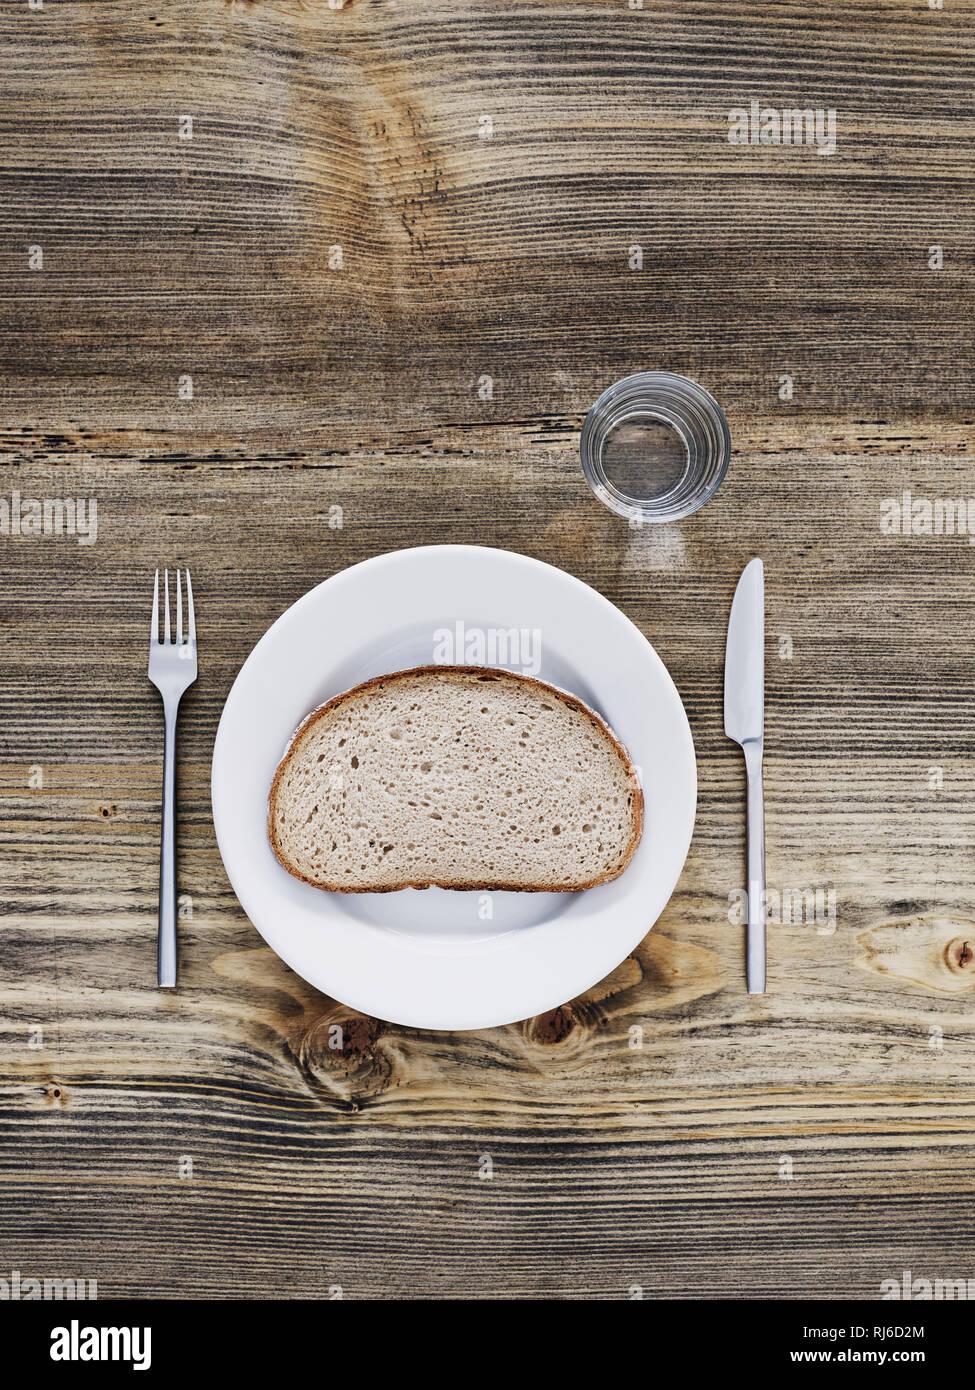 Eine Seine Brot auf Teller, Besteck und Glas in altem Holztisch, von Ihr Browser kann leider keine eingebetteten Frames anzeigen Stockbild